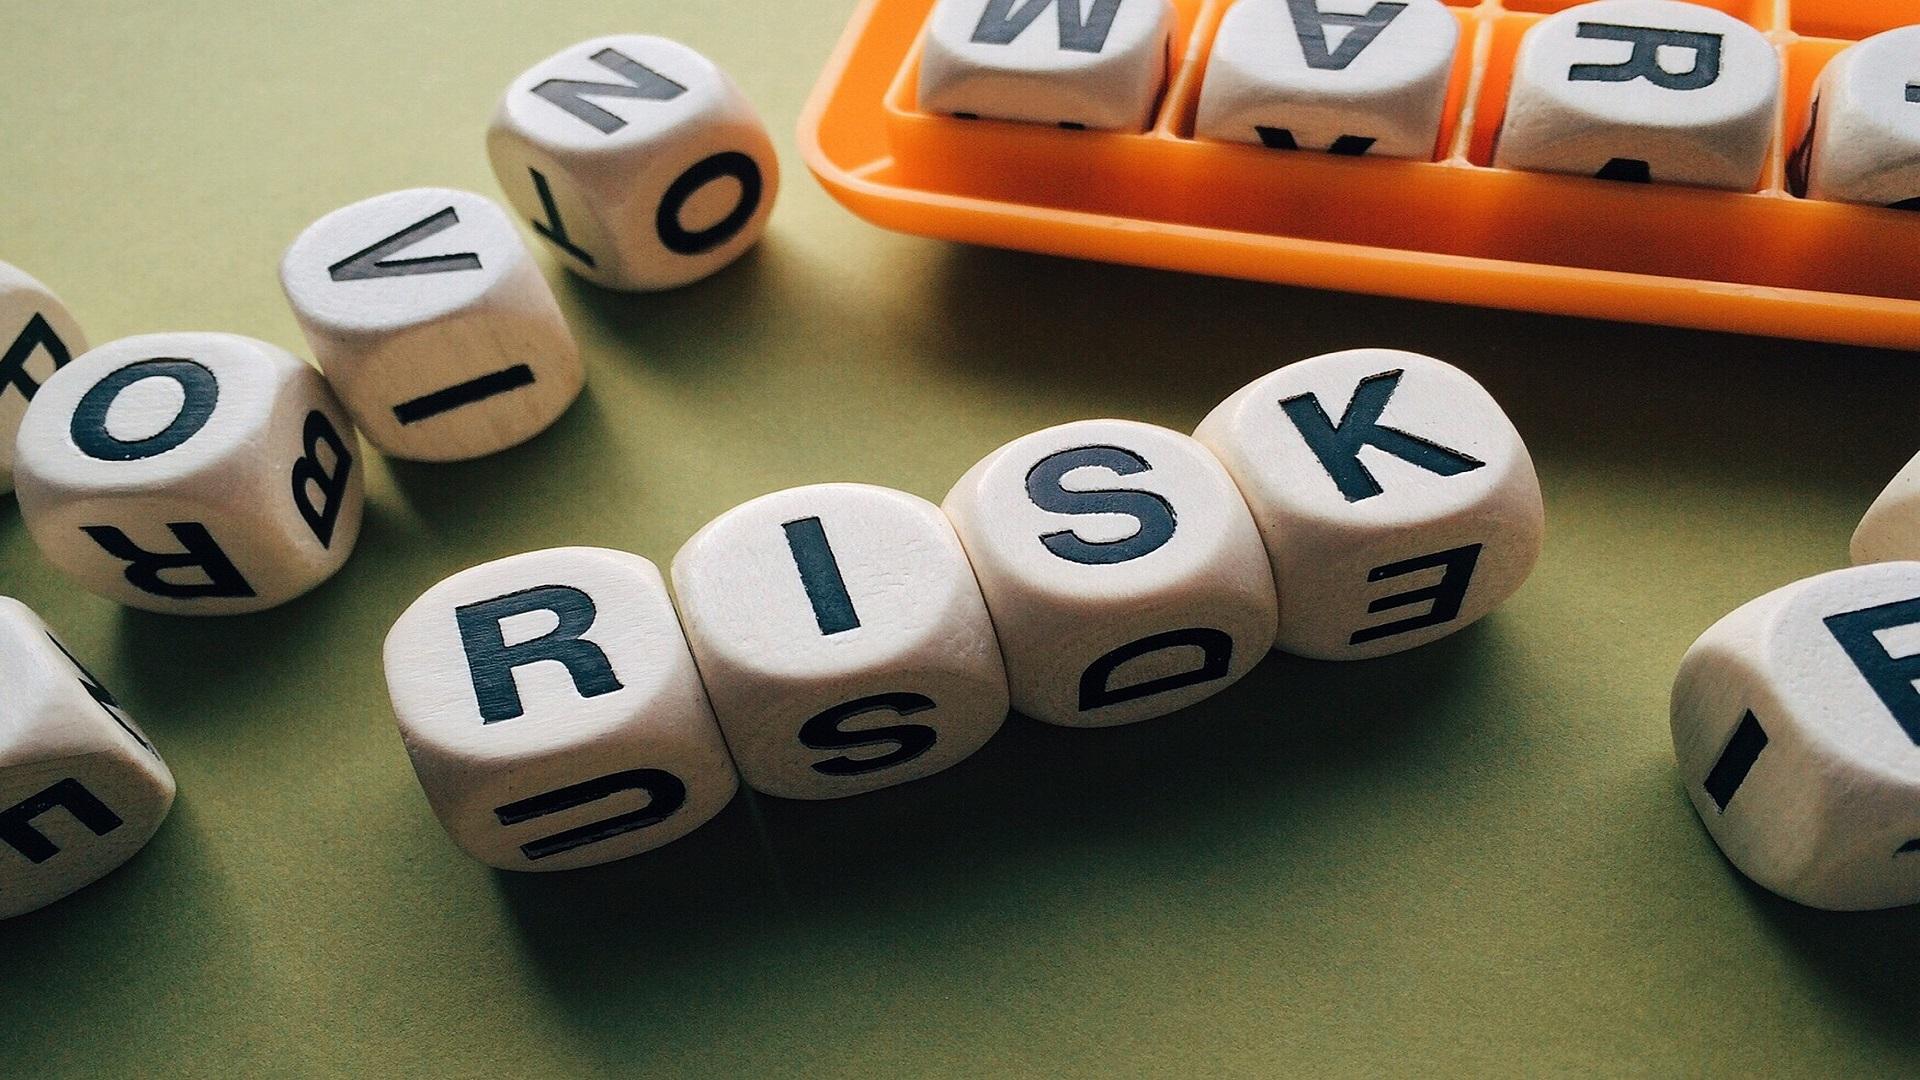 自己破産のリスクとは?家族への影響や8つの誤解も詳しく解説